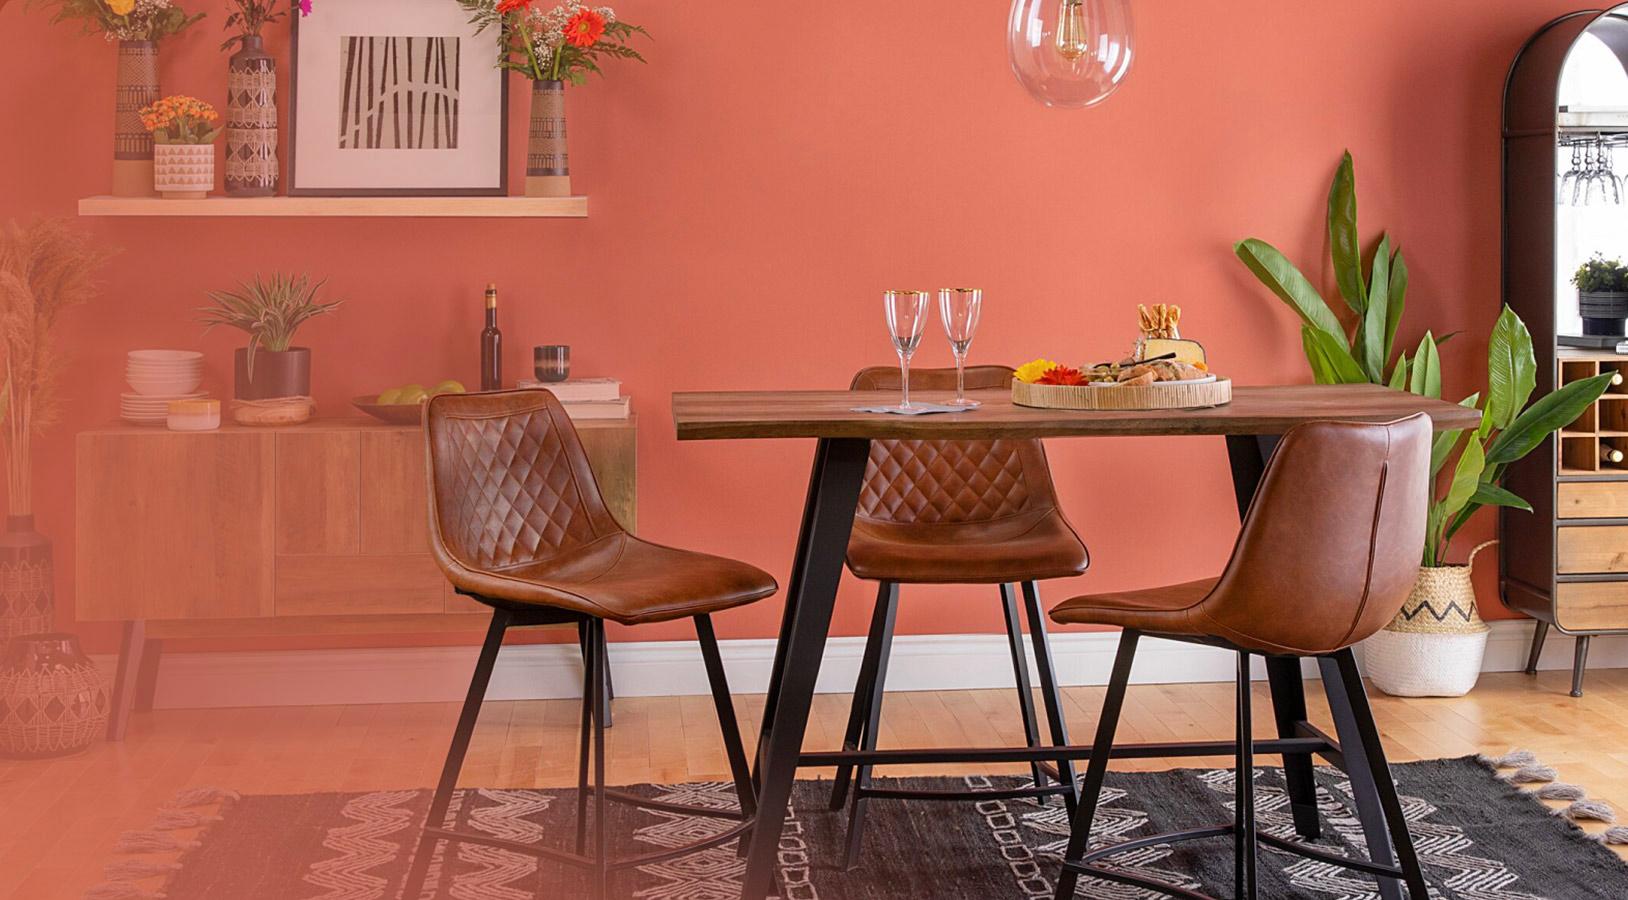 Salle à manger bien décoré pour représenter l'industrie du mobilier et de la maison